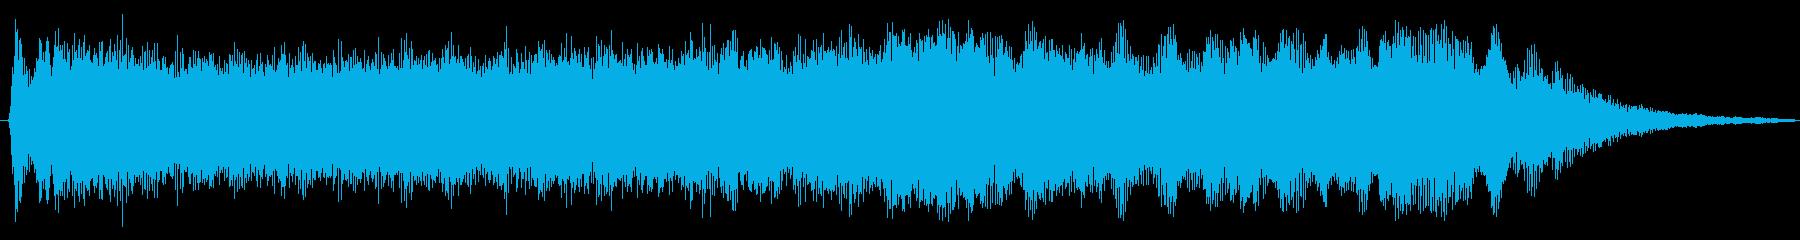 トランジション パッドスイープブラス02の再生済みの波形